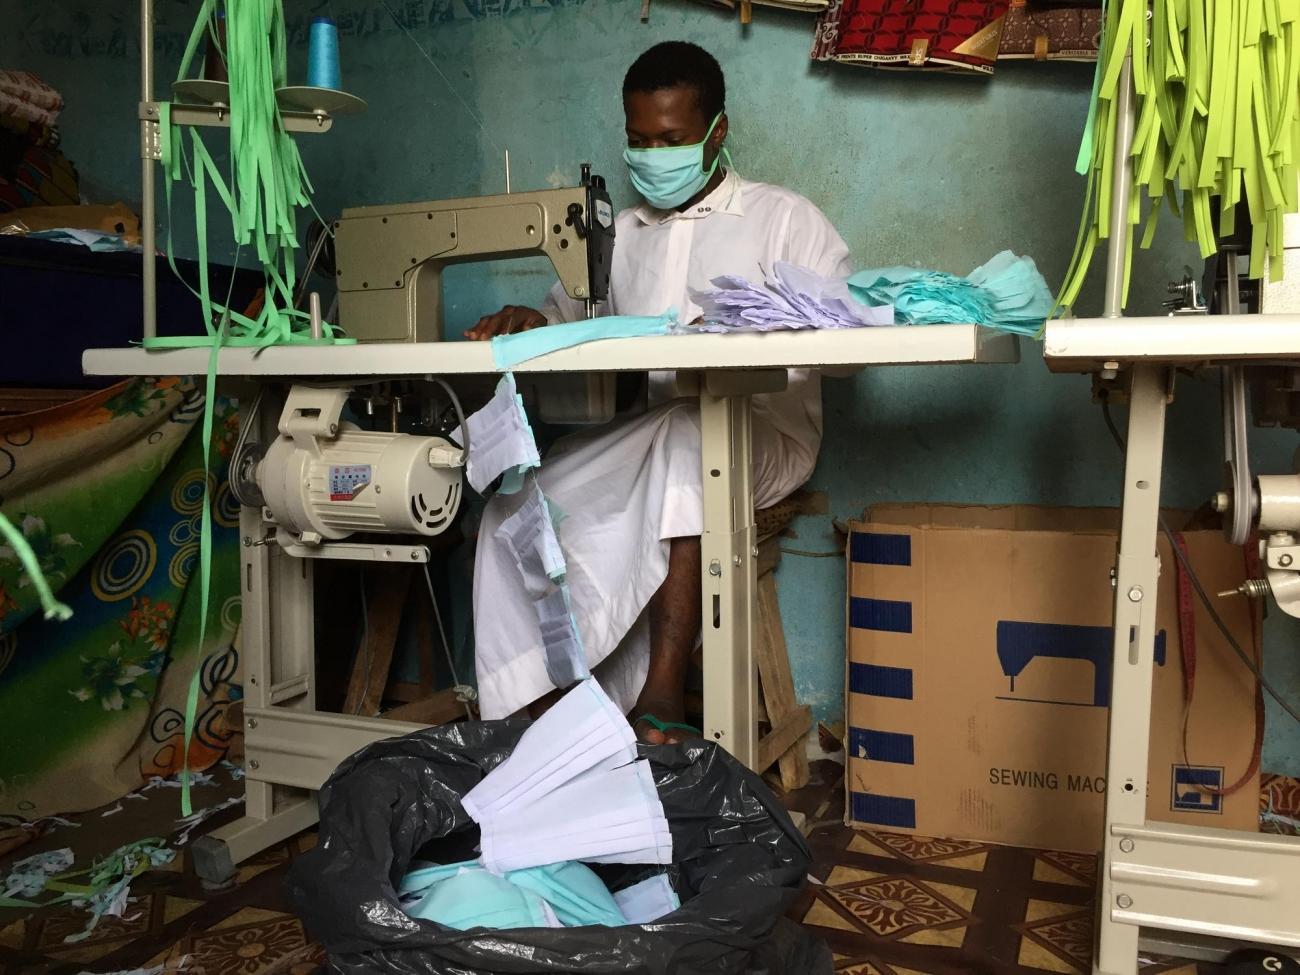 Un tailleur dans un atelier de couture de Bamako, en train de fabriquer des masques lavables pour MSF. 1 500 masques sont réalisés chaque jour.  © Lamine Keita/MSF